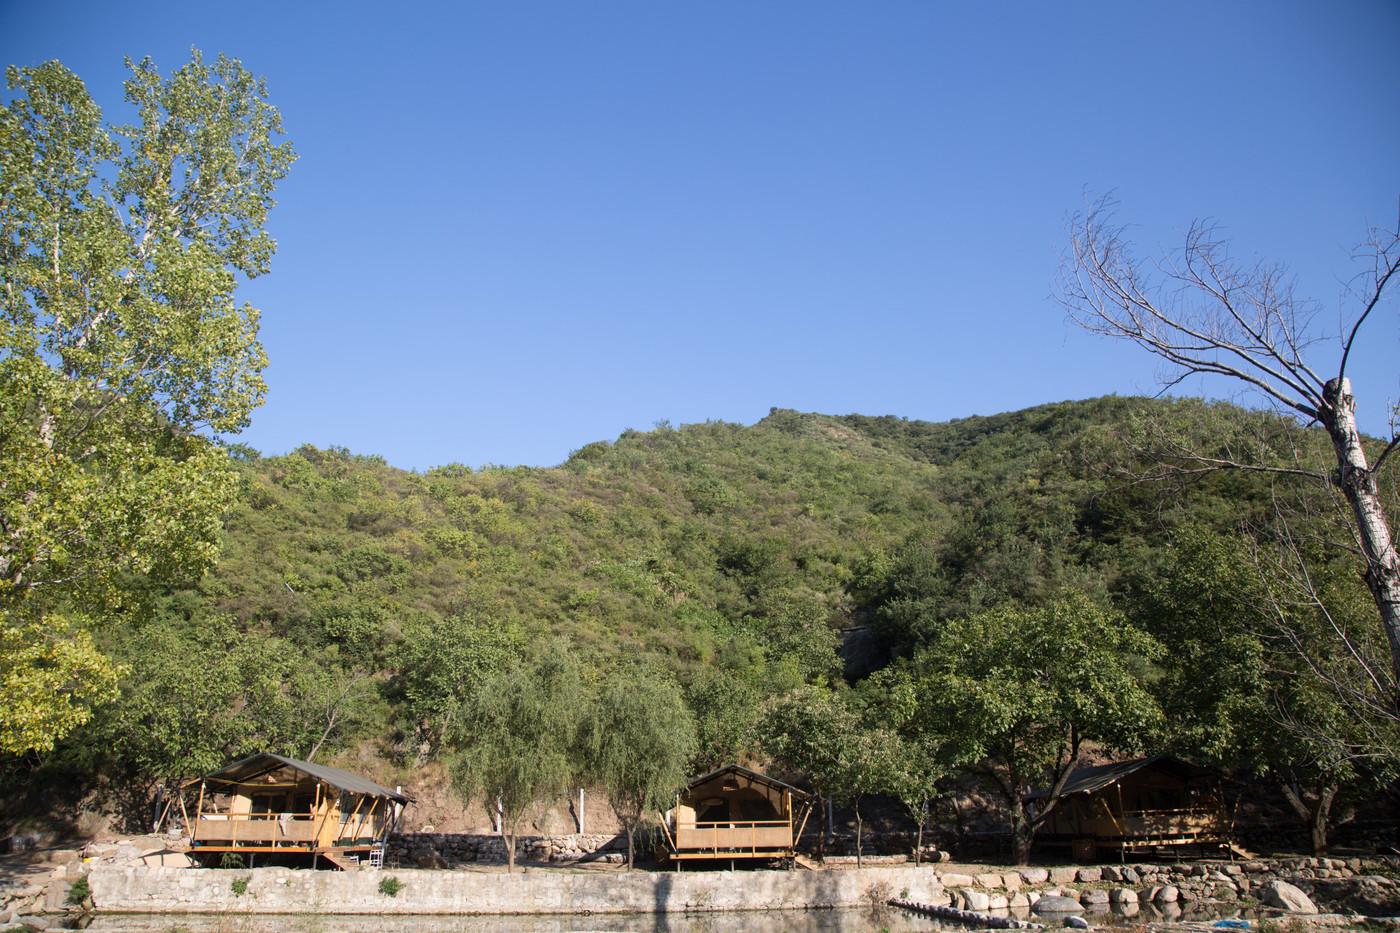 喜马拉雅野奢帐篷酒店一北京石头 剪刀 布一私享院子 54平山谷型  2